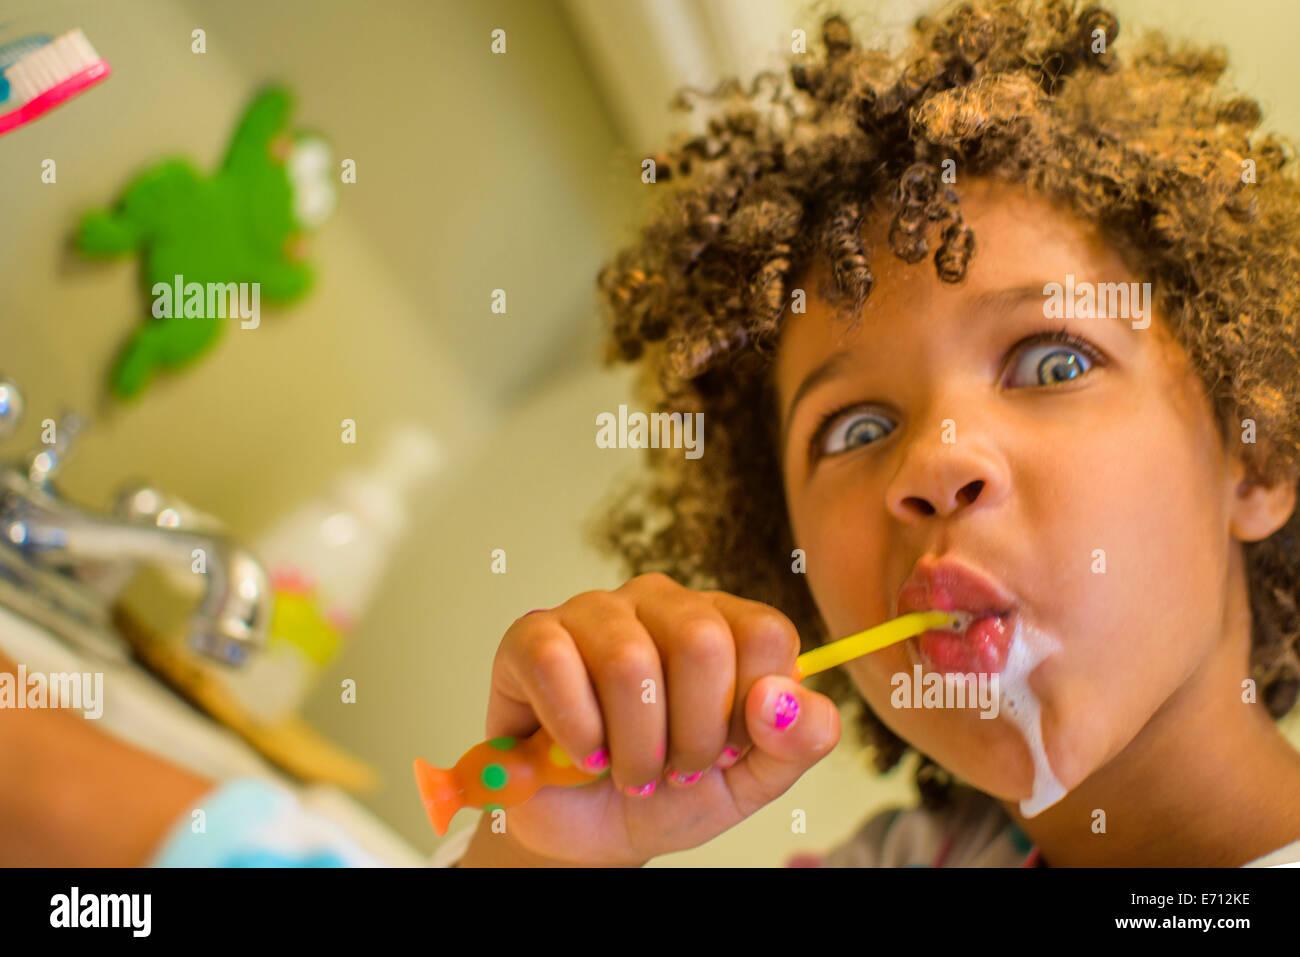 Porträt eines Mädchens Gesicht ziehen, während Zähneputzen Stockfoto